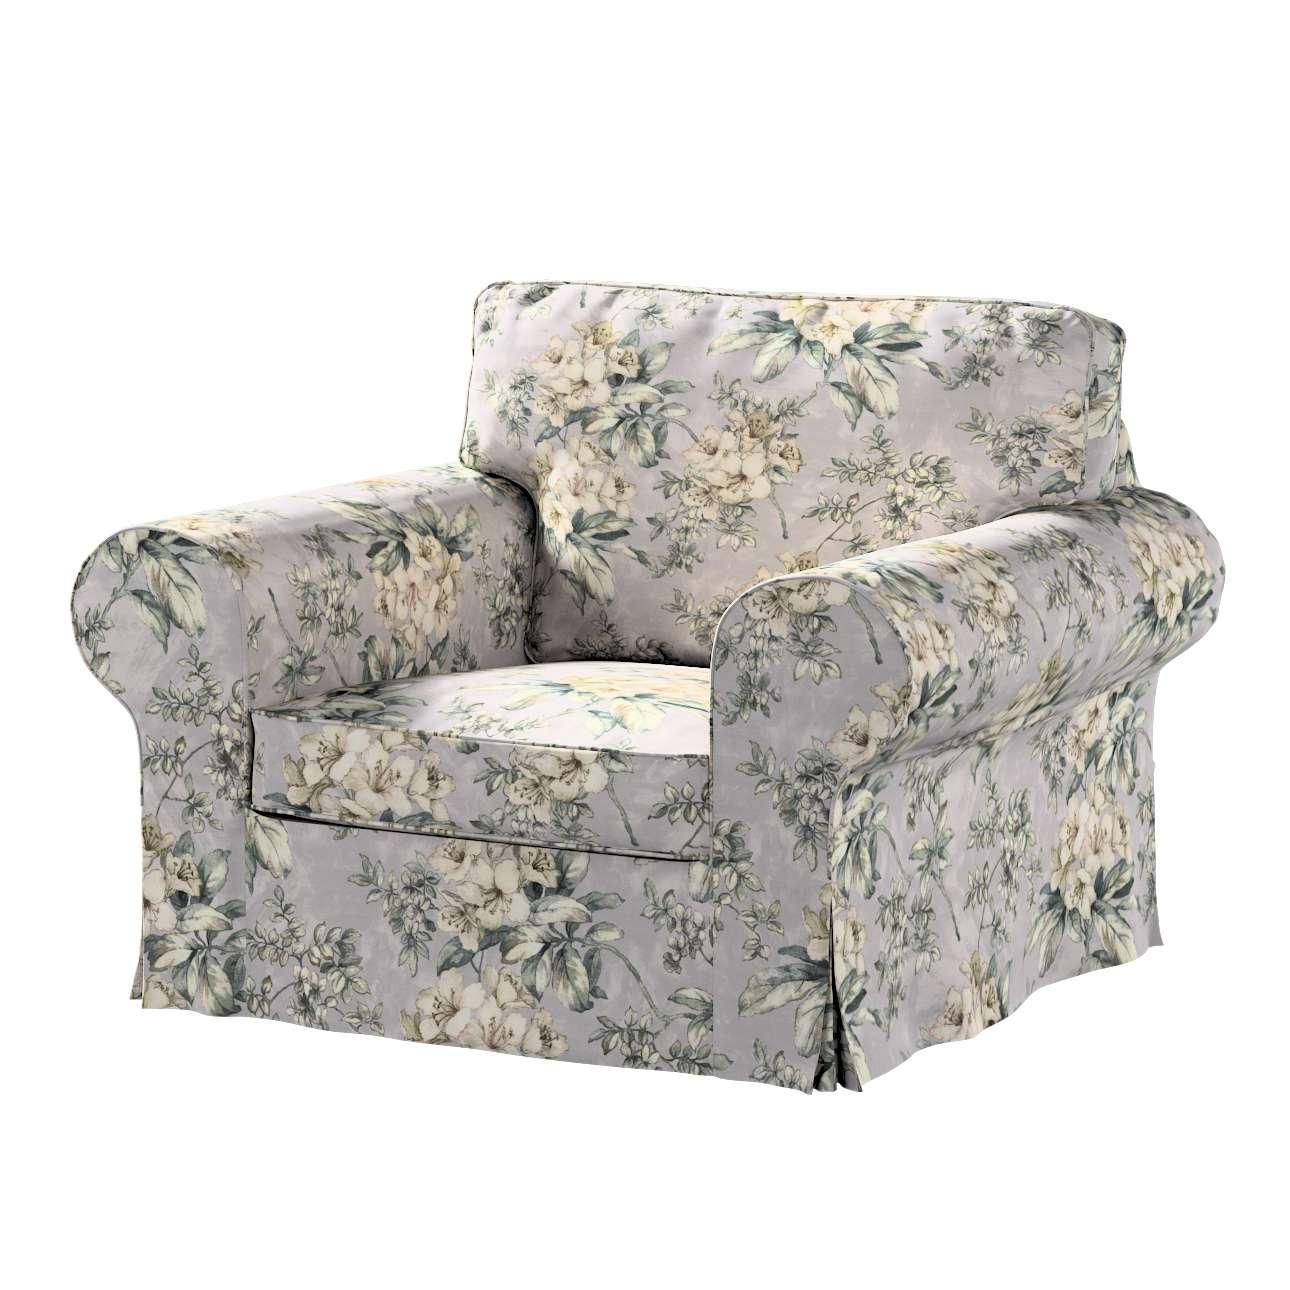 Pokrowiec na fotel Ektorp w kolekcji Londres, tkanina: 143-36